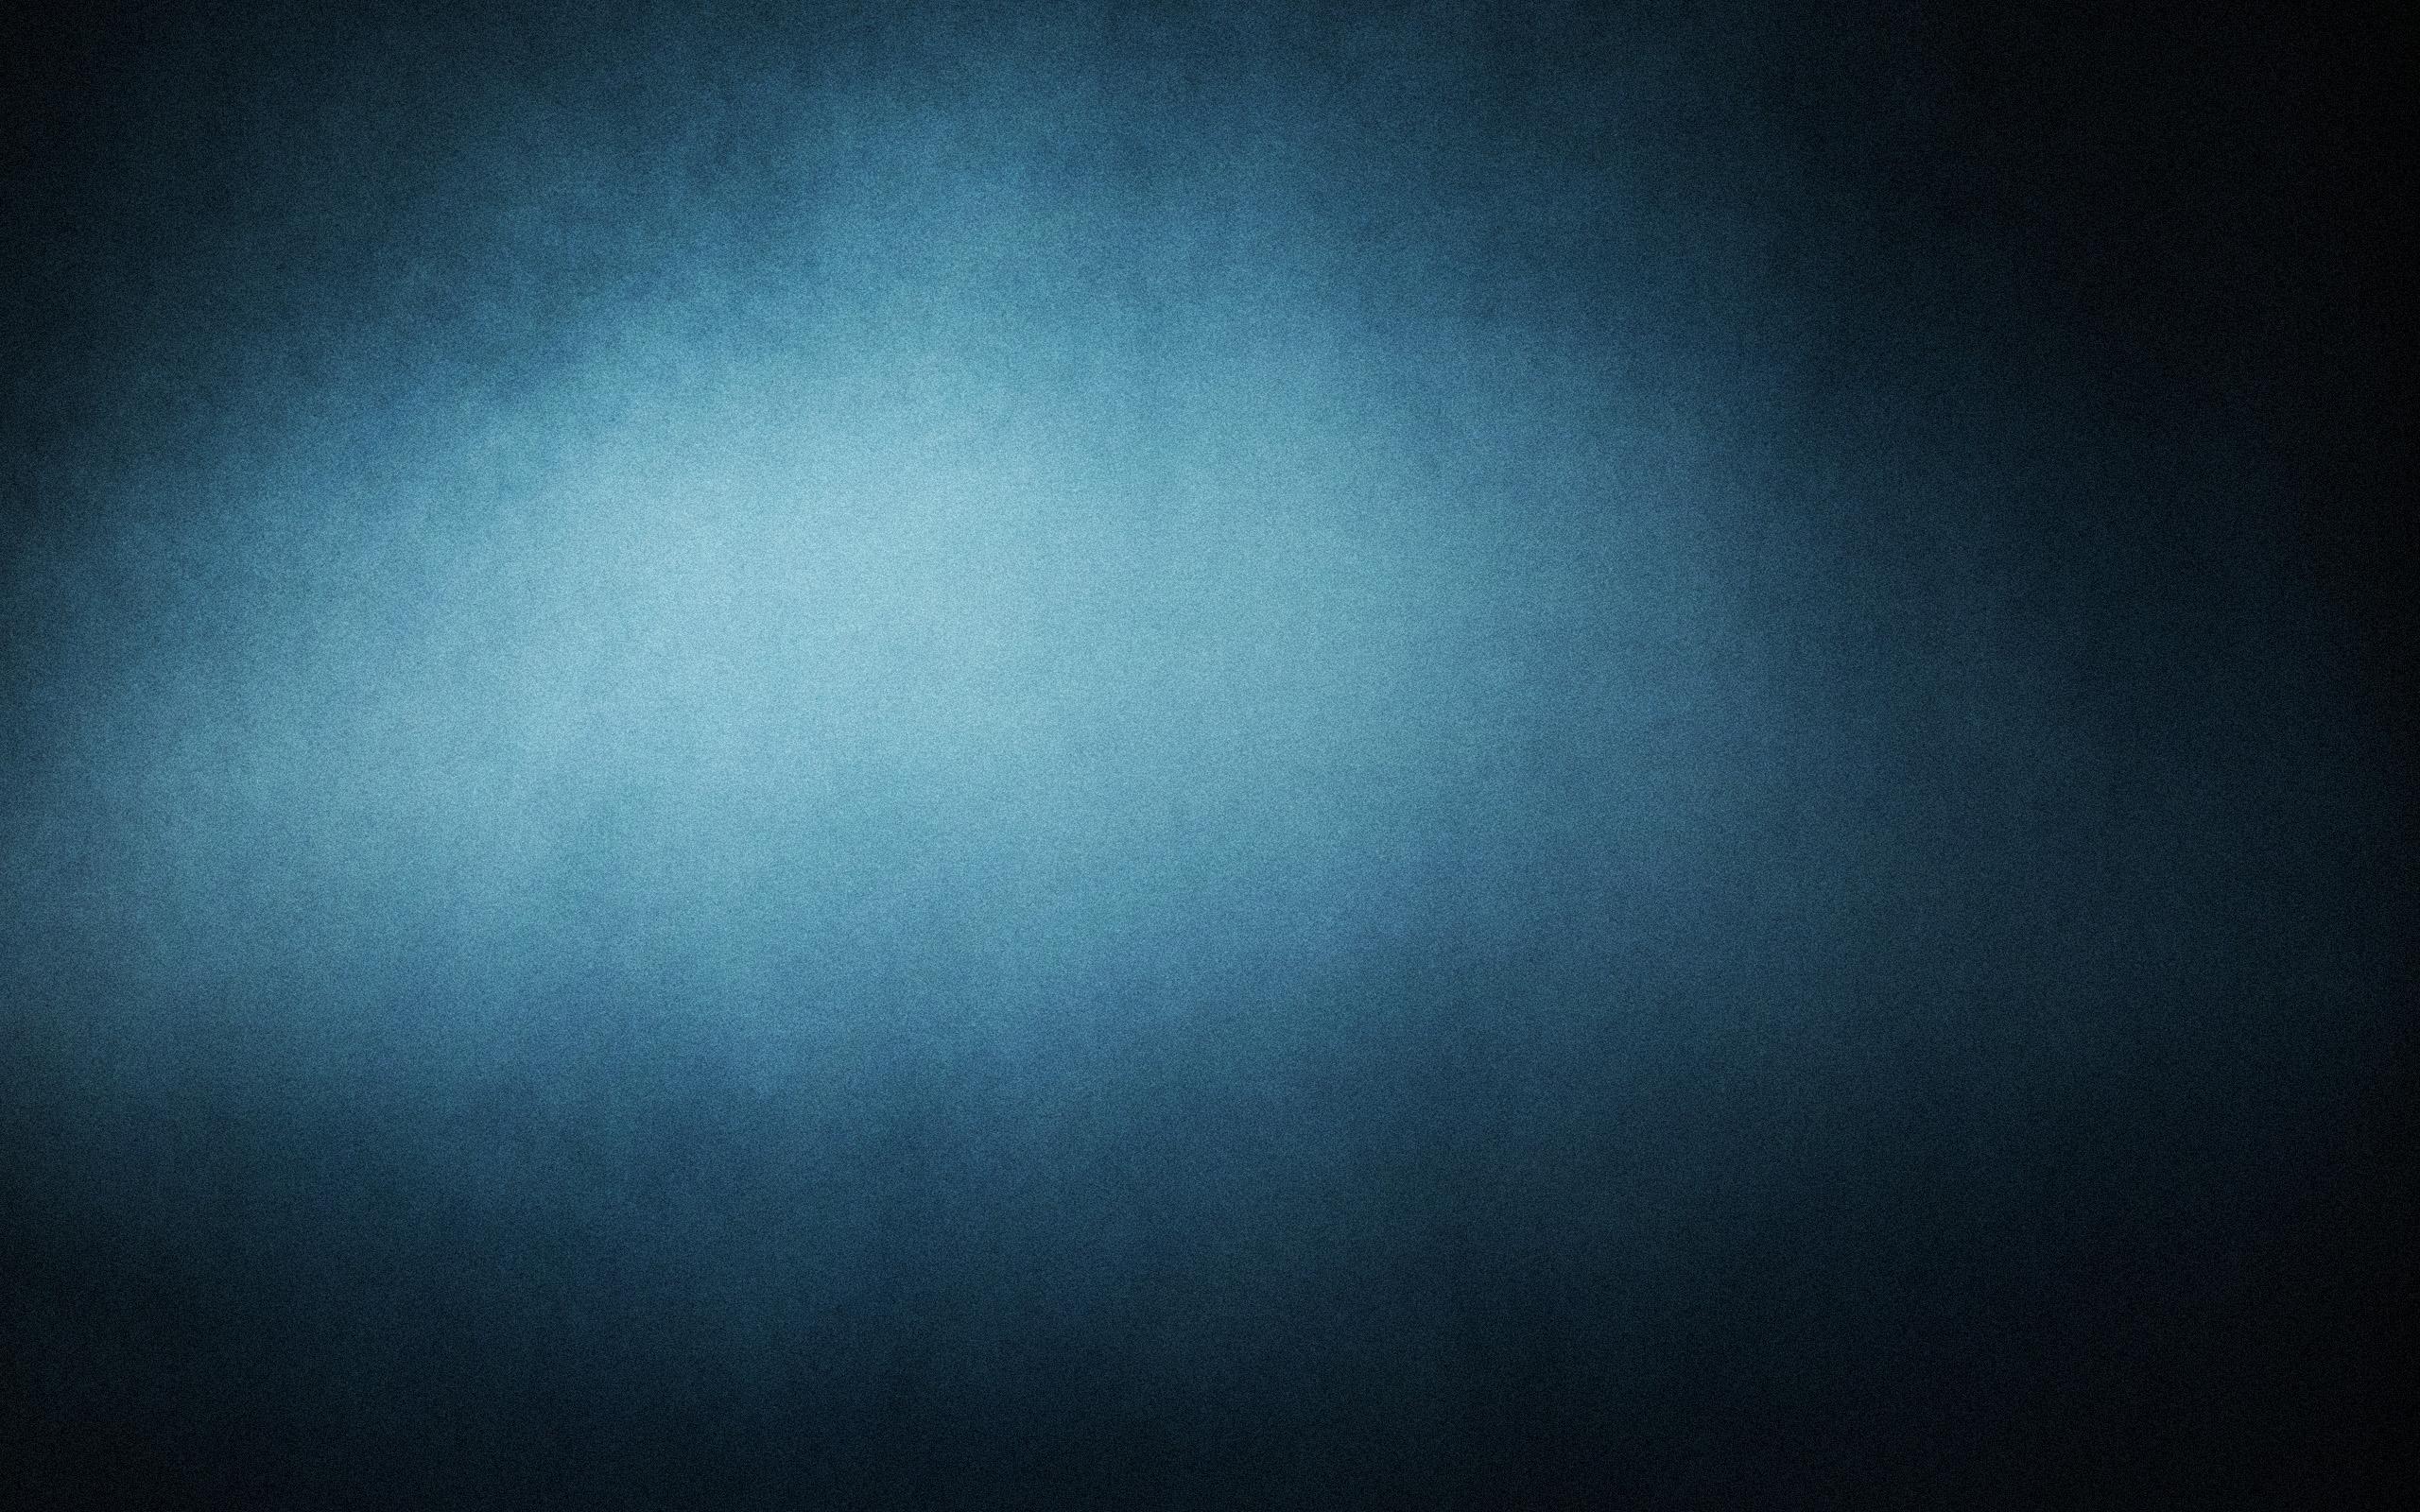 Dark Textures clipart blue texture background PowerPoint; Textures for Texture Backgrounds